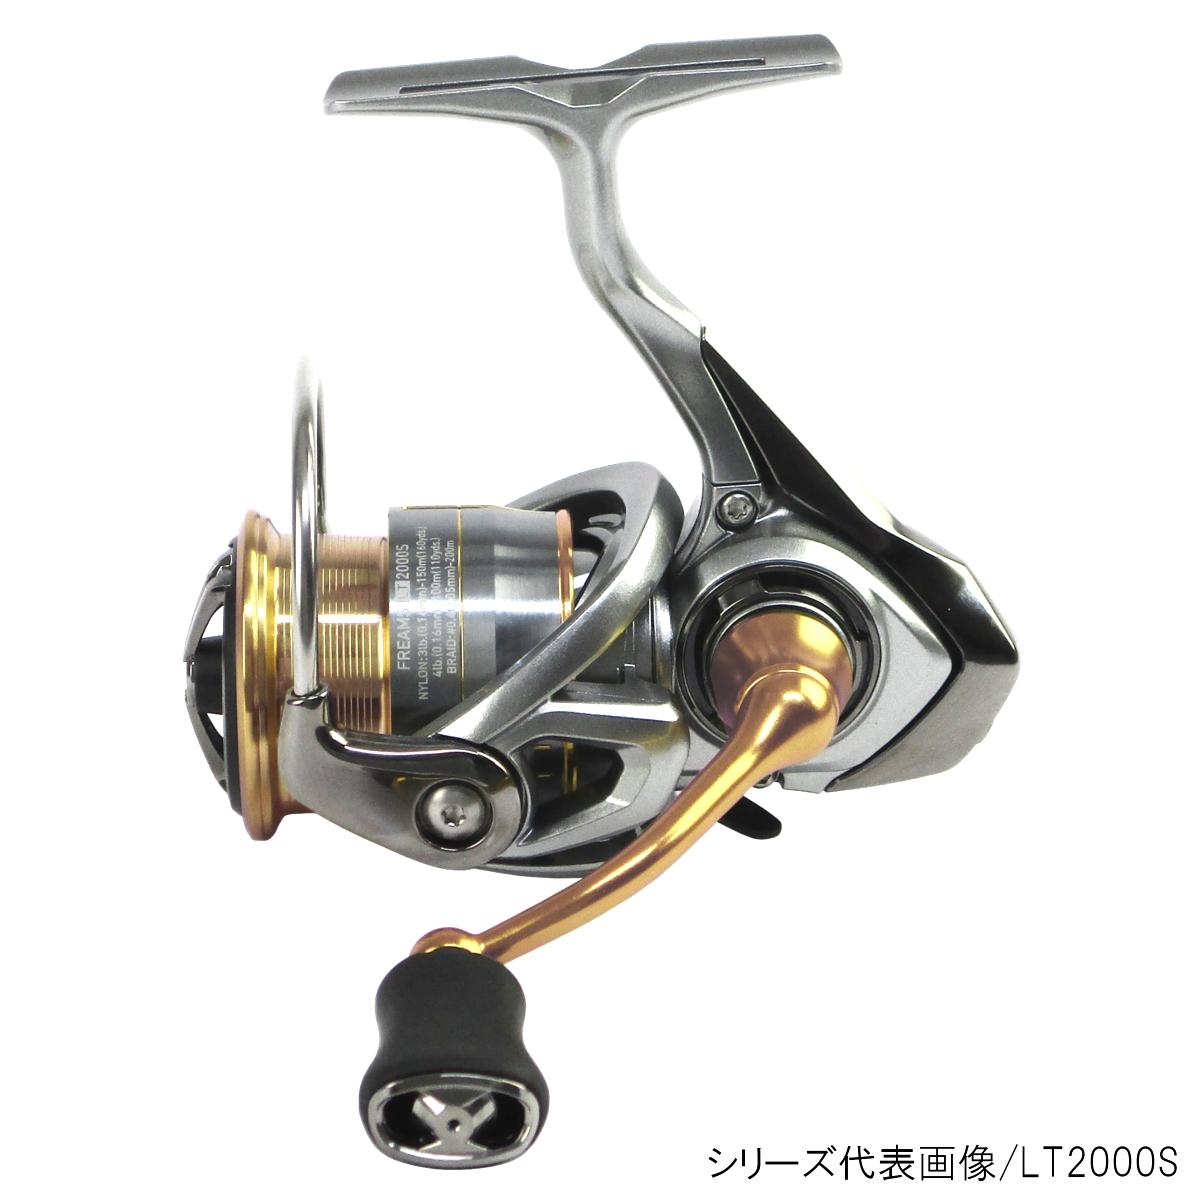 ダイワ フリームス LT2000S-XH【送料無料】